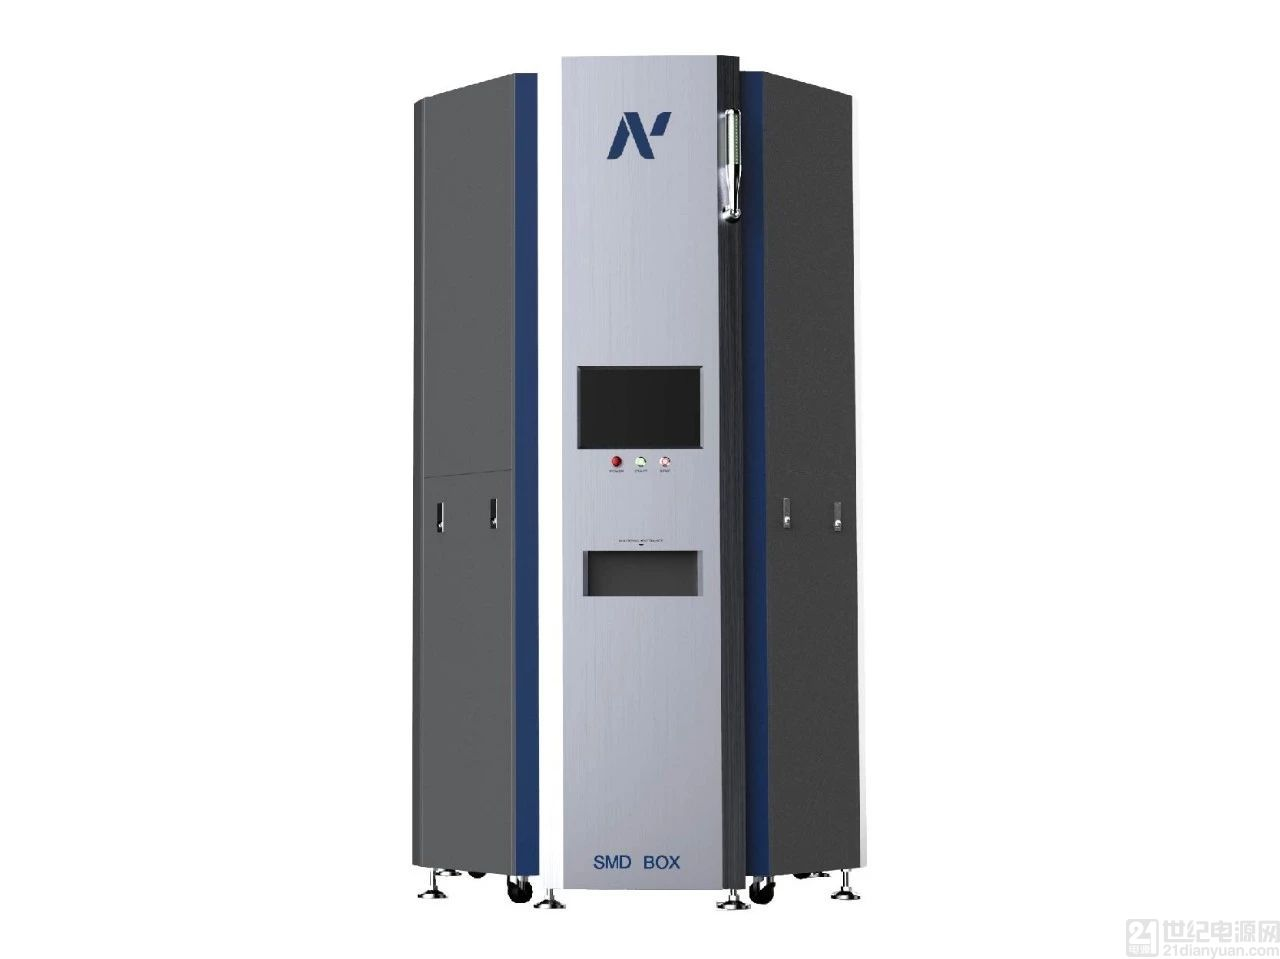 摯錦科技將在華南電子生產設備展展現自己的技術實力和優質產品